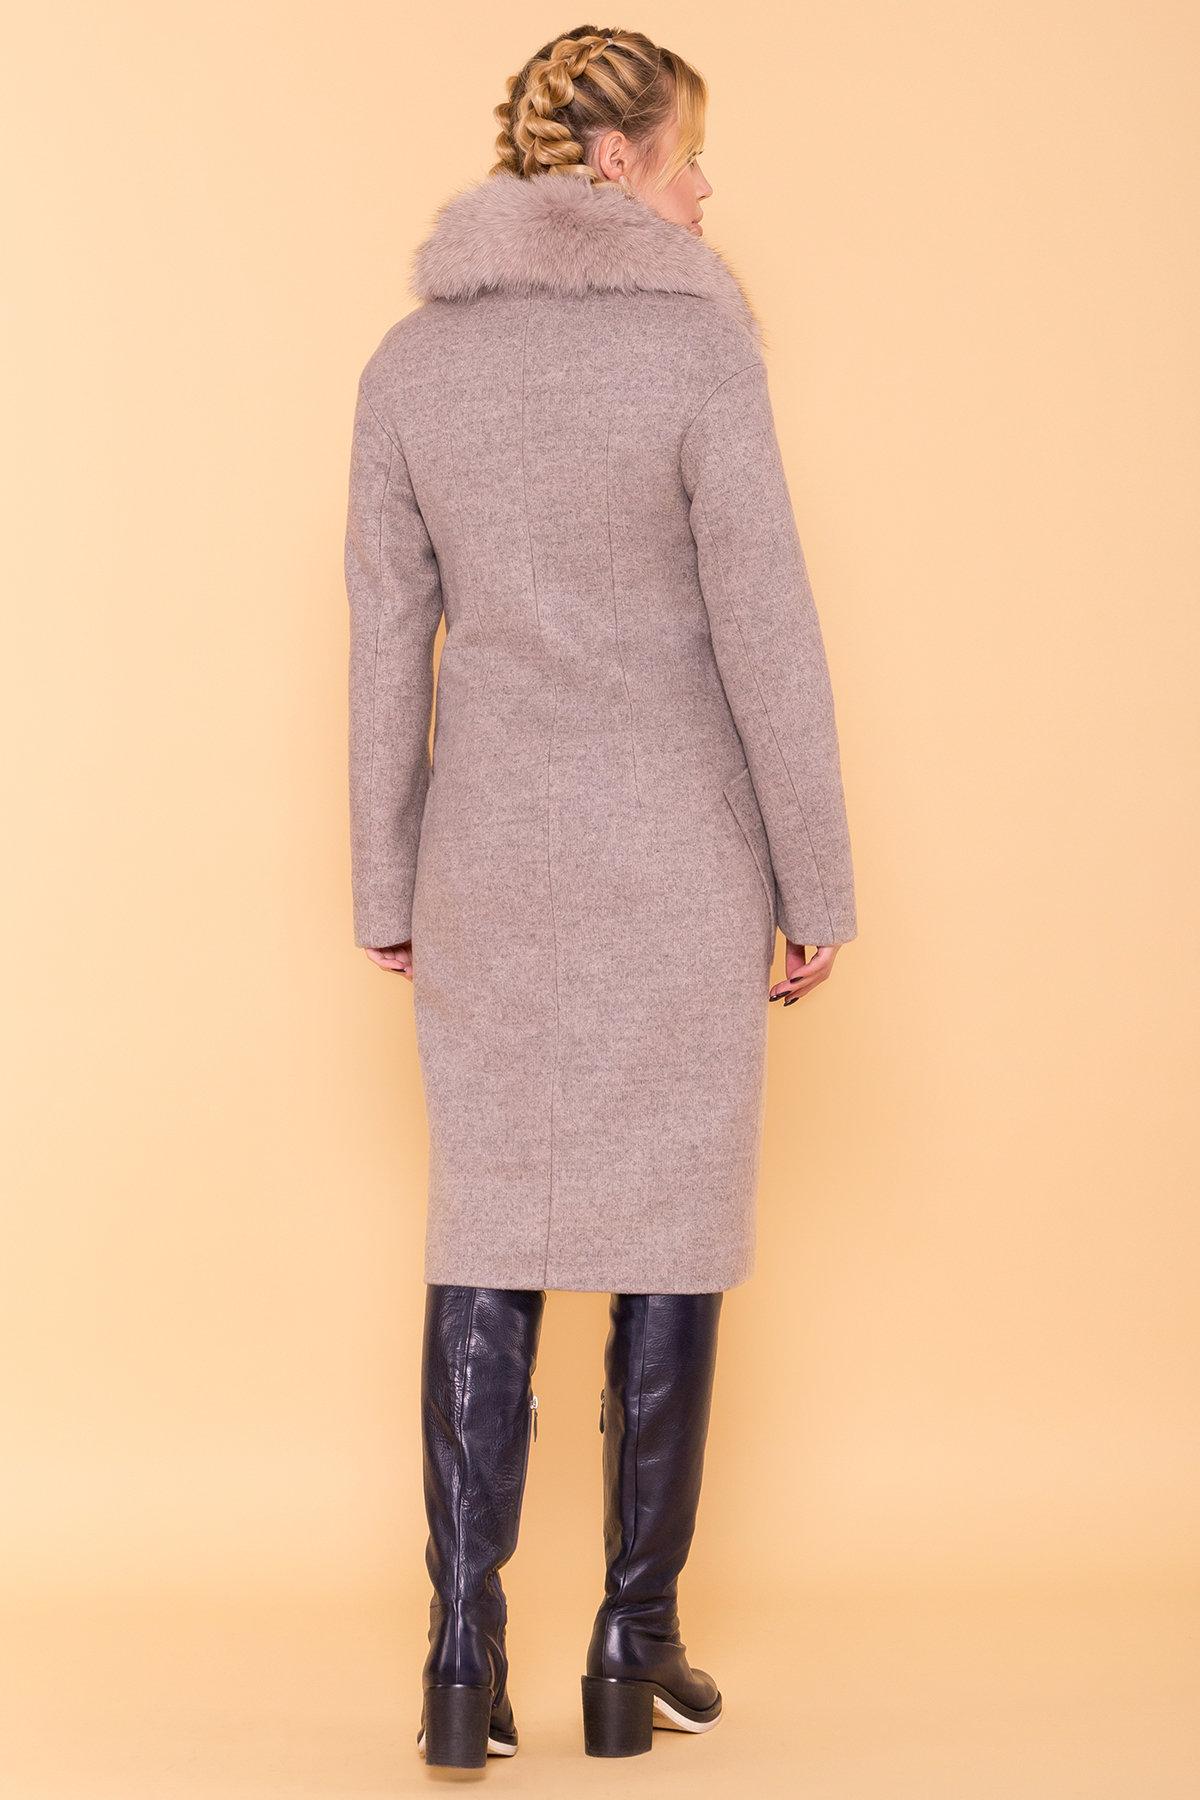 Зимнее пальто с натуральным песцом Анатес лайт 5570 АРТ. 38161 Цвет: Бежевый 31 - фото 2, интернет магазин tm-modus.ru